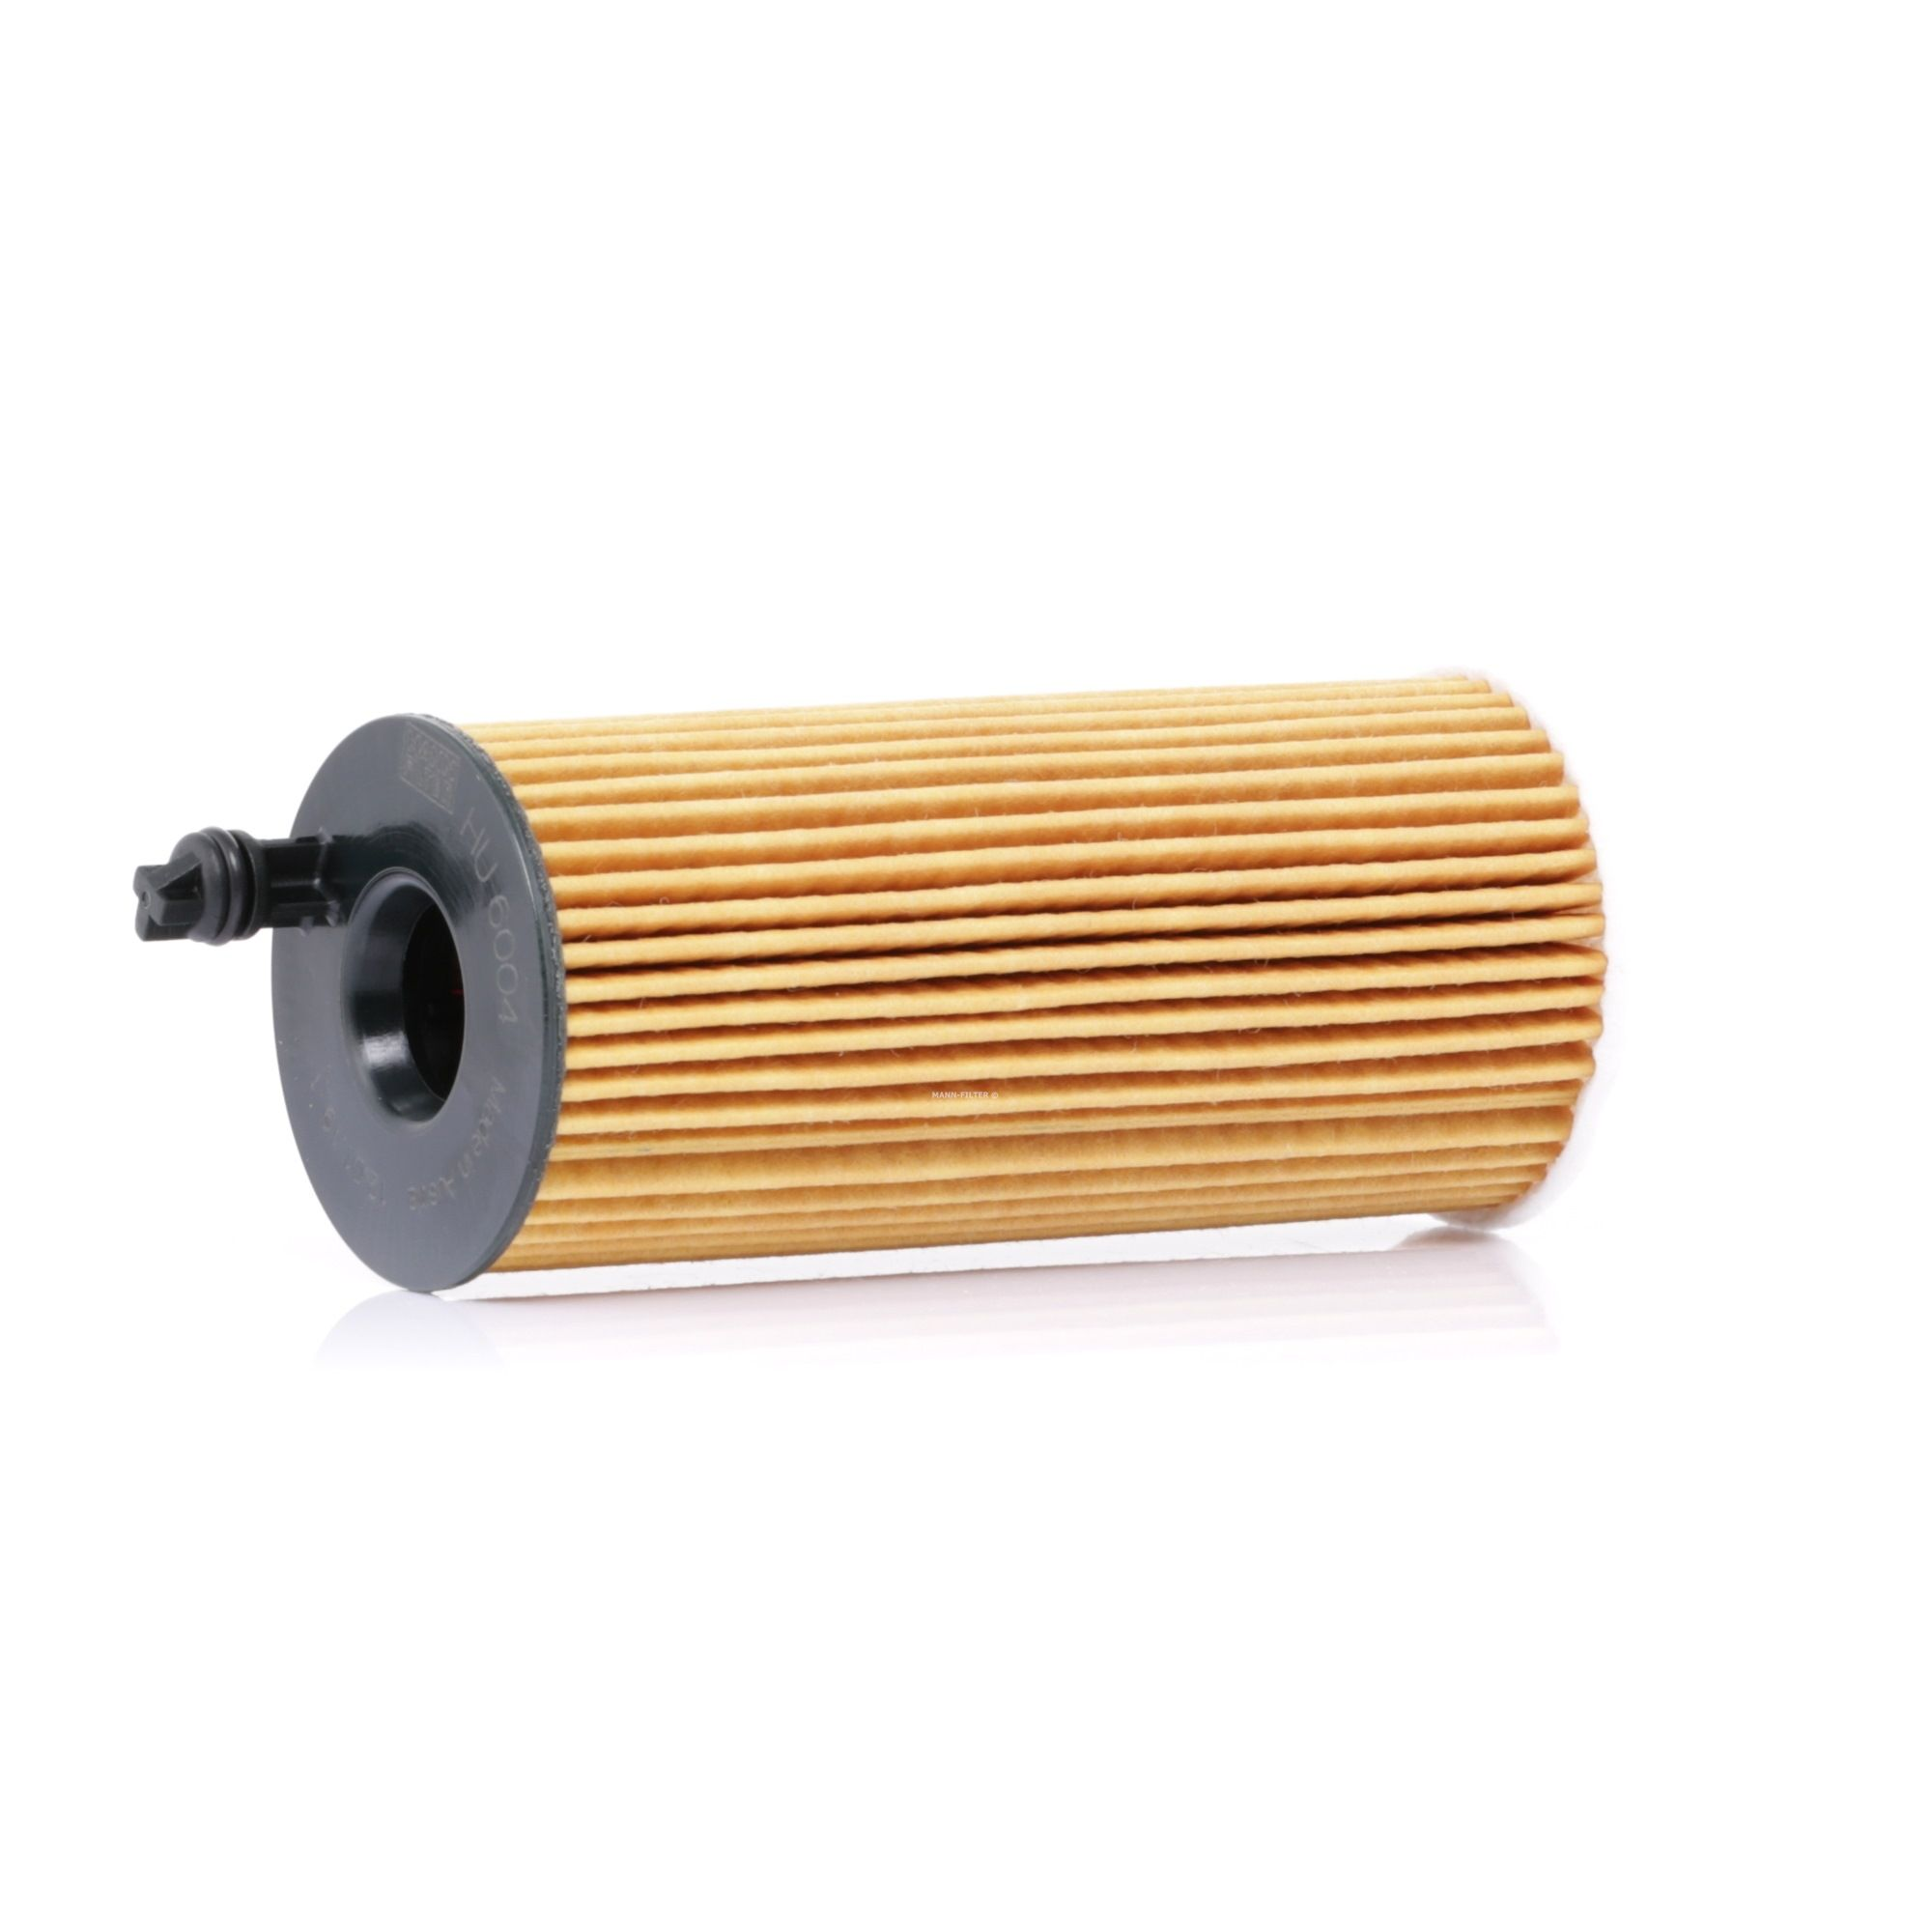 HU 6004 x MANN-FILTER med packningar, Filterinsats Innerdiameter: 18mm, Ø: 54mm, H: 134mm Oljefilter HU 6004 x köp lågt pris